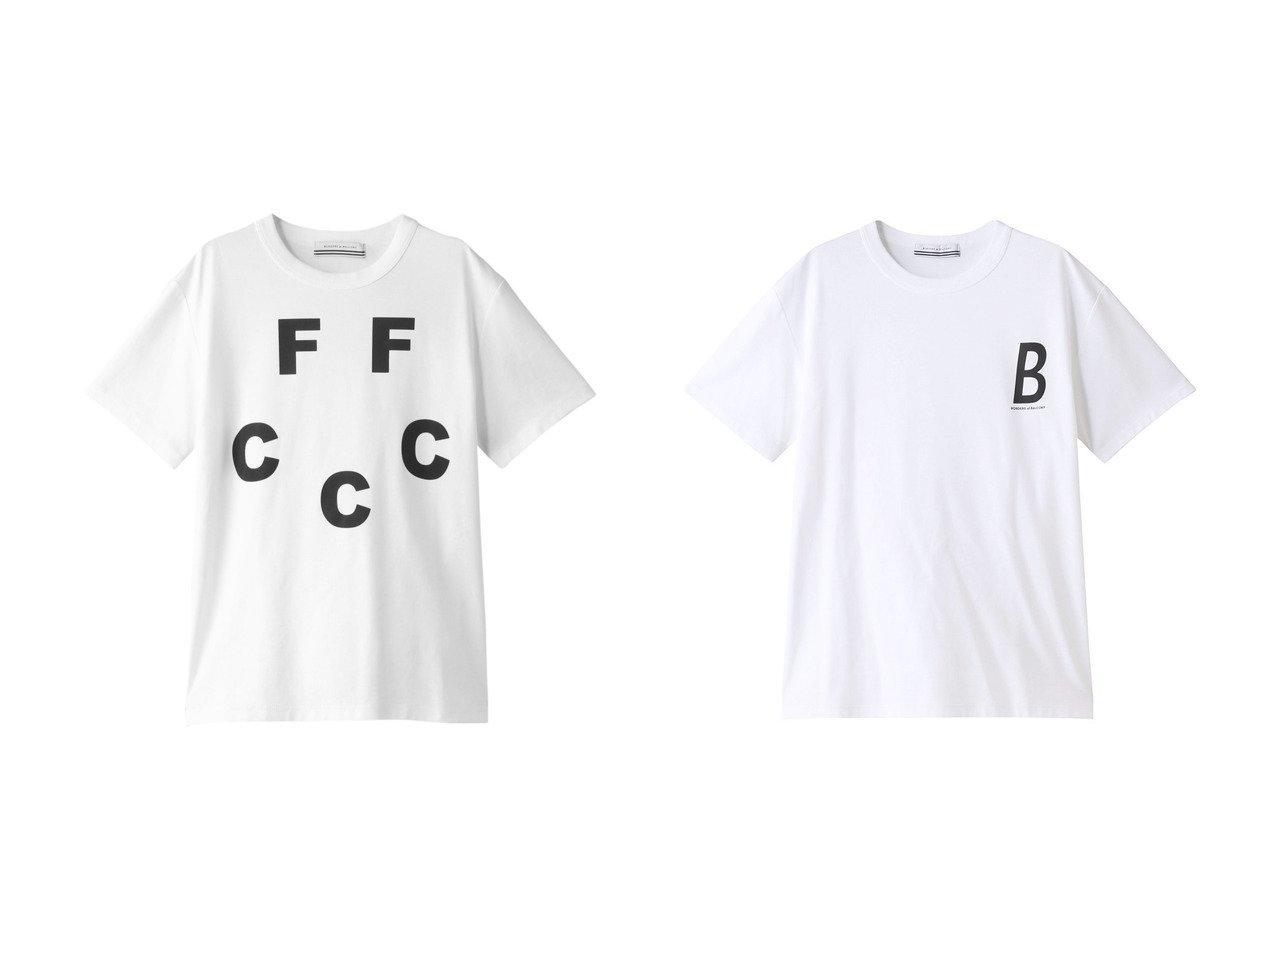 【BORDERS at BALCONY/ボーダーズ アット バルコニー】の【UNISEX】FFCCC Tシャツ&【UNISEX】ボーダーズTシャツ トップス・カットソーのおすすめ!人気、トレンド・レディースファッションの通販 おすすめで人気の流行・トレンド、ファッションの通販商品 メンズファッション・キッズファッション・インテリア・家具・レディースファッション・服の通販 founy(ファニー) https://founy.com/ ファッション Fashion レディースファッション WOMEN トップス Tops Tshirt シャツ/ブラウス Shirts Blouses ロング / Tシャツ T-Shirts カットソー Cut and Sewn 2020年 2020 2020-2021 秋冬 A/W AW Autumn/Winter / FW Fall-Winter 2020-2021 2021年 2021 2021 春夏 S/S SS Spring/Summer 2021 UNISEX ショート スリーブ フロント ベーシック 春 Spring A/W 秋冬 AW Autumn/Winter / FW Fall-Winter  ID:crp329100000011525